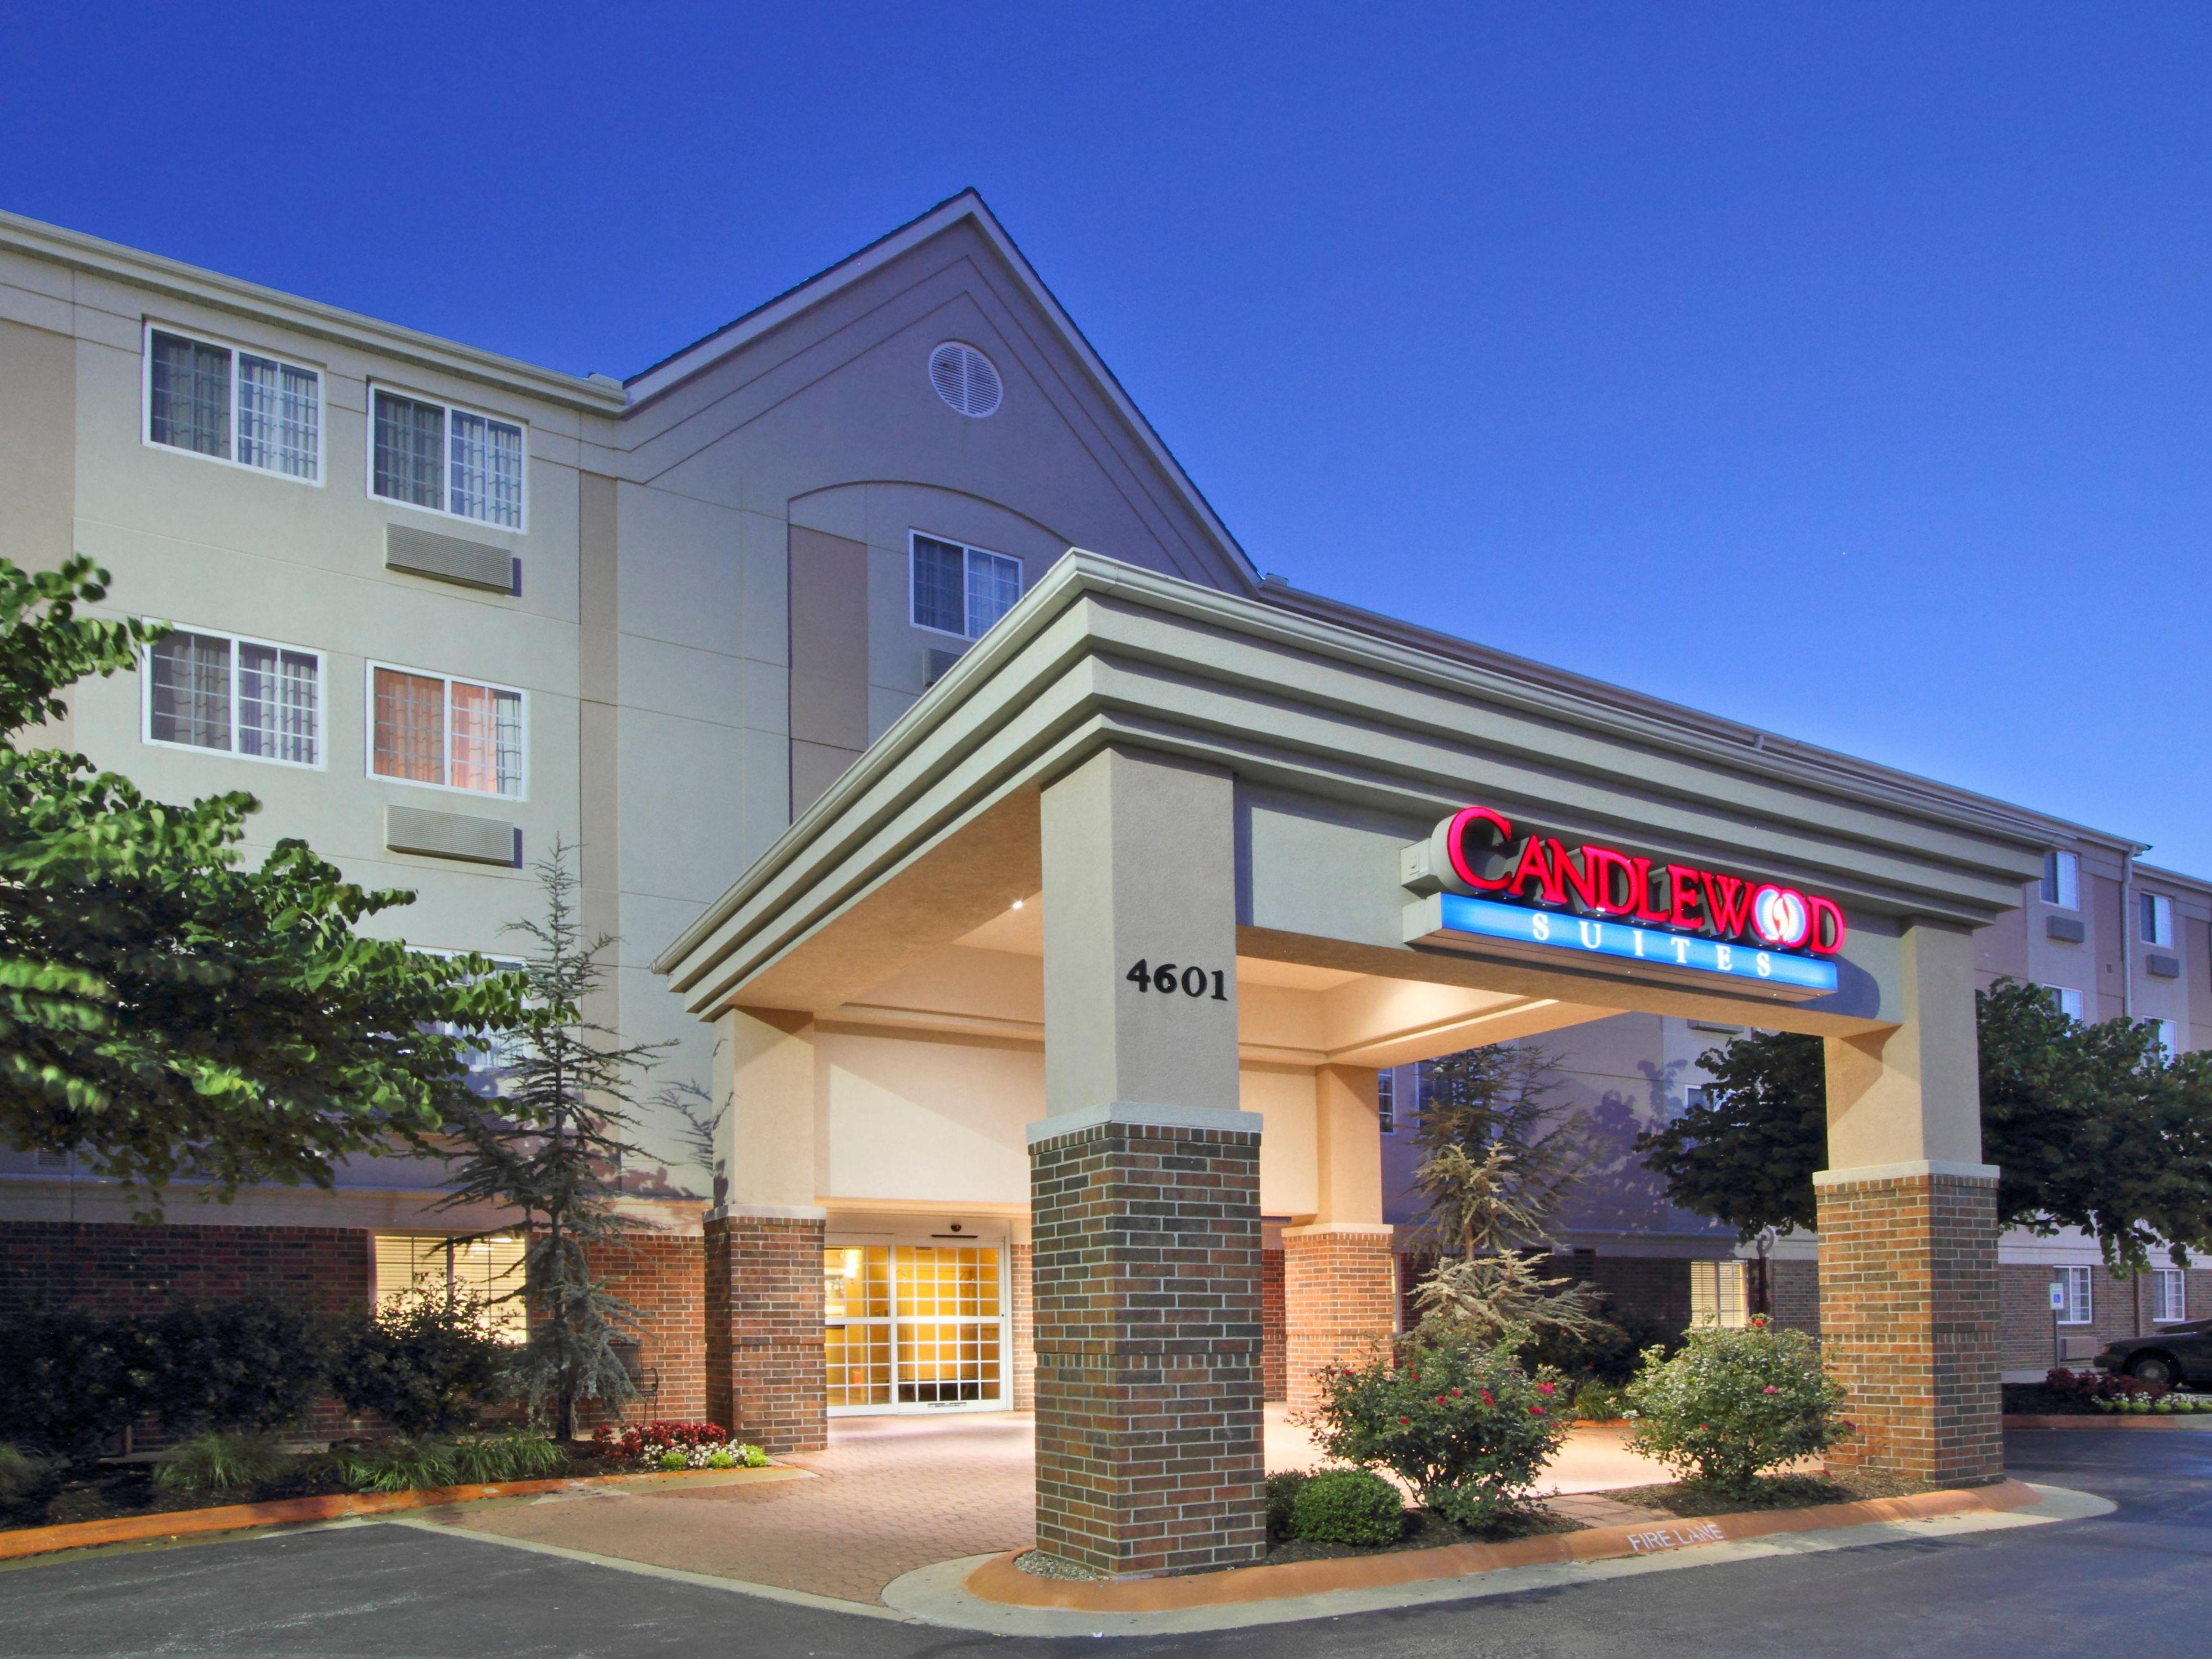 Rogers Hotels